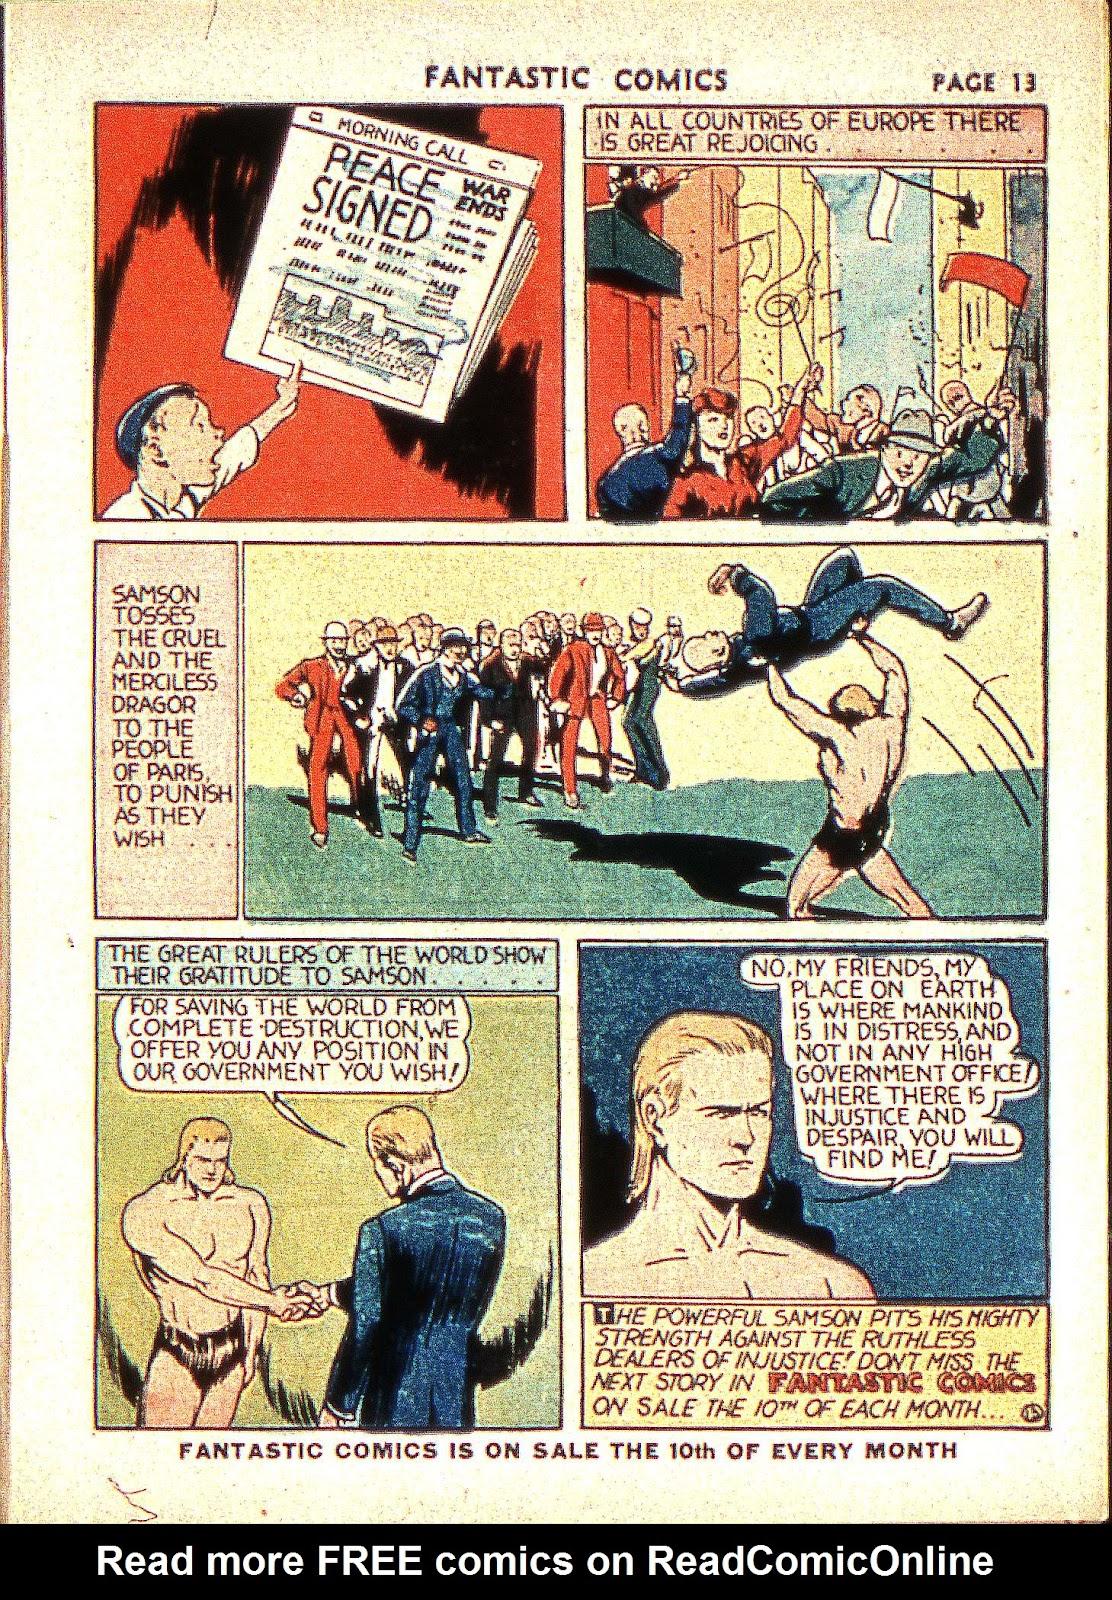 Read online Fantastic Comics comic -  Issue #2 - 15